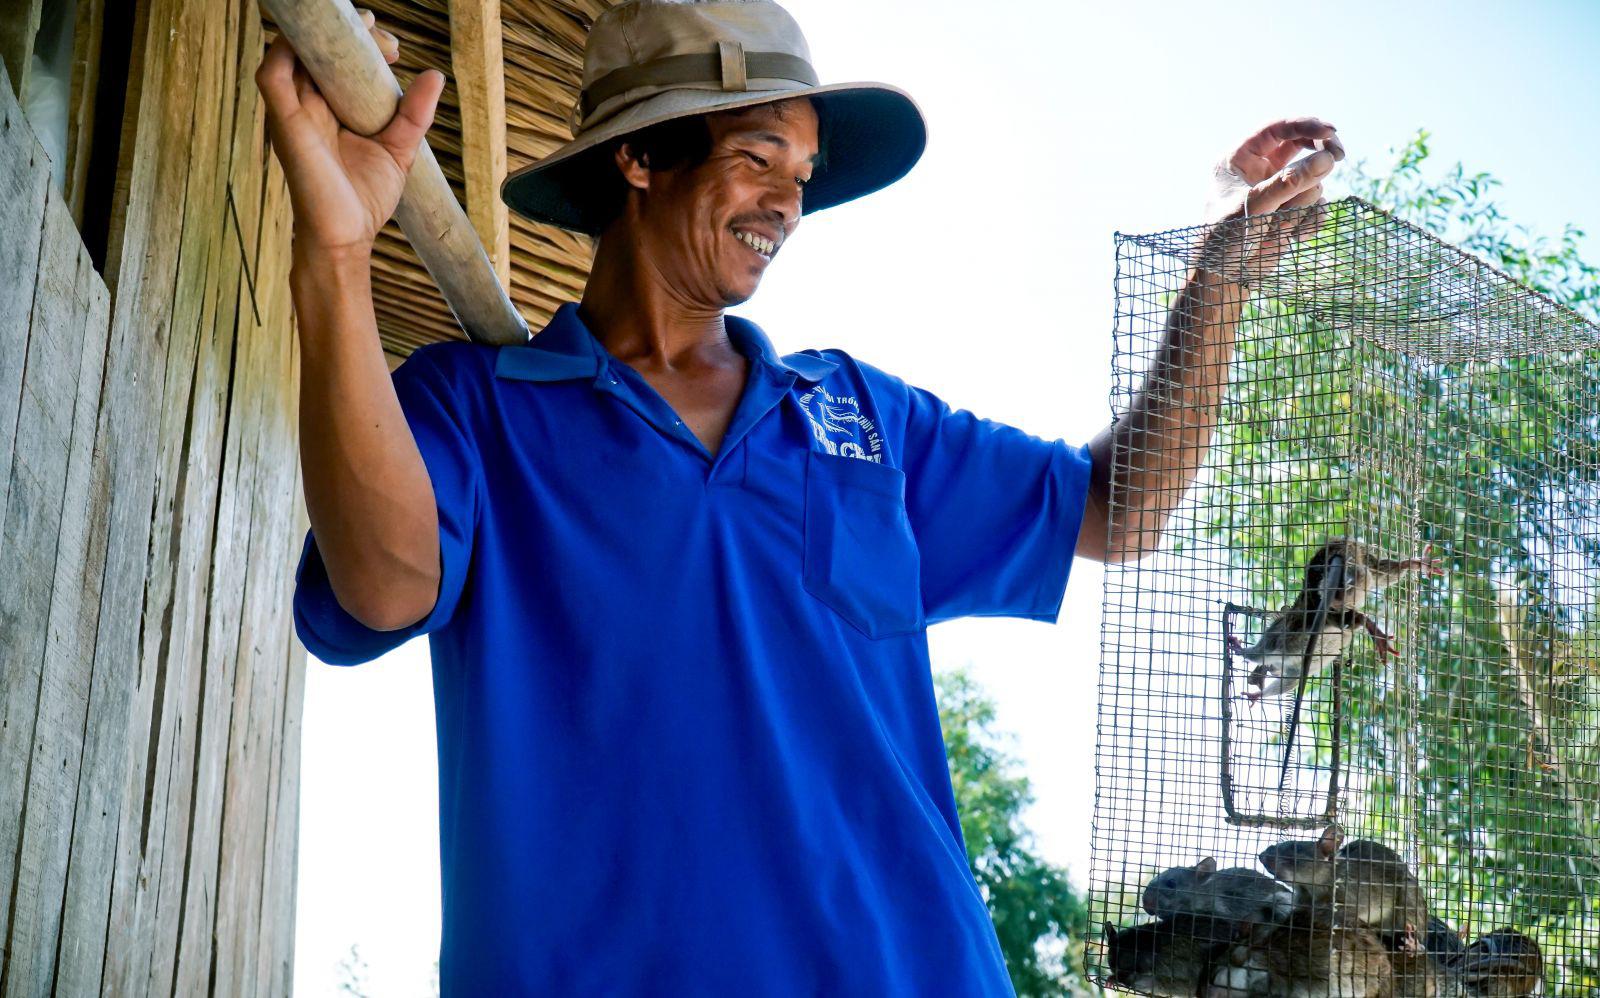 """Theo chân cha con anh Chuột săn bắt chuột trên """"Đồng Chó Ngáp"""" - Ảnh 4."""